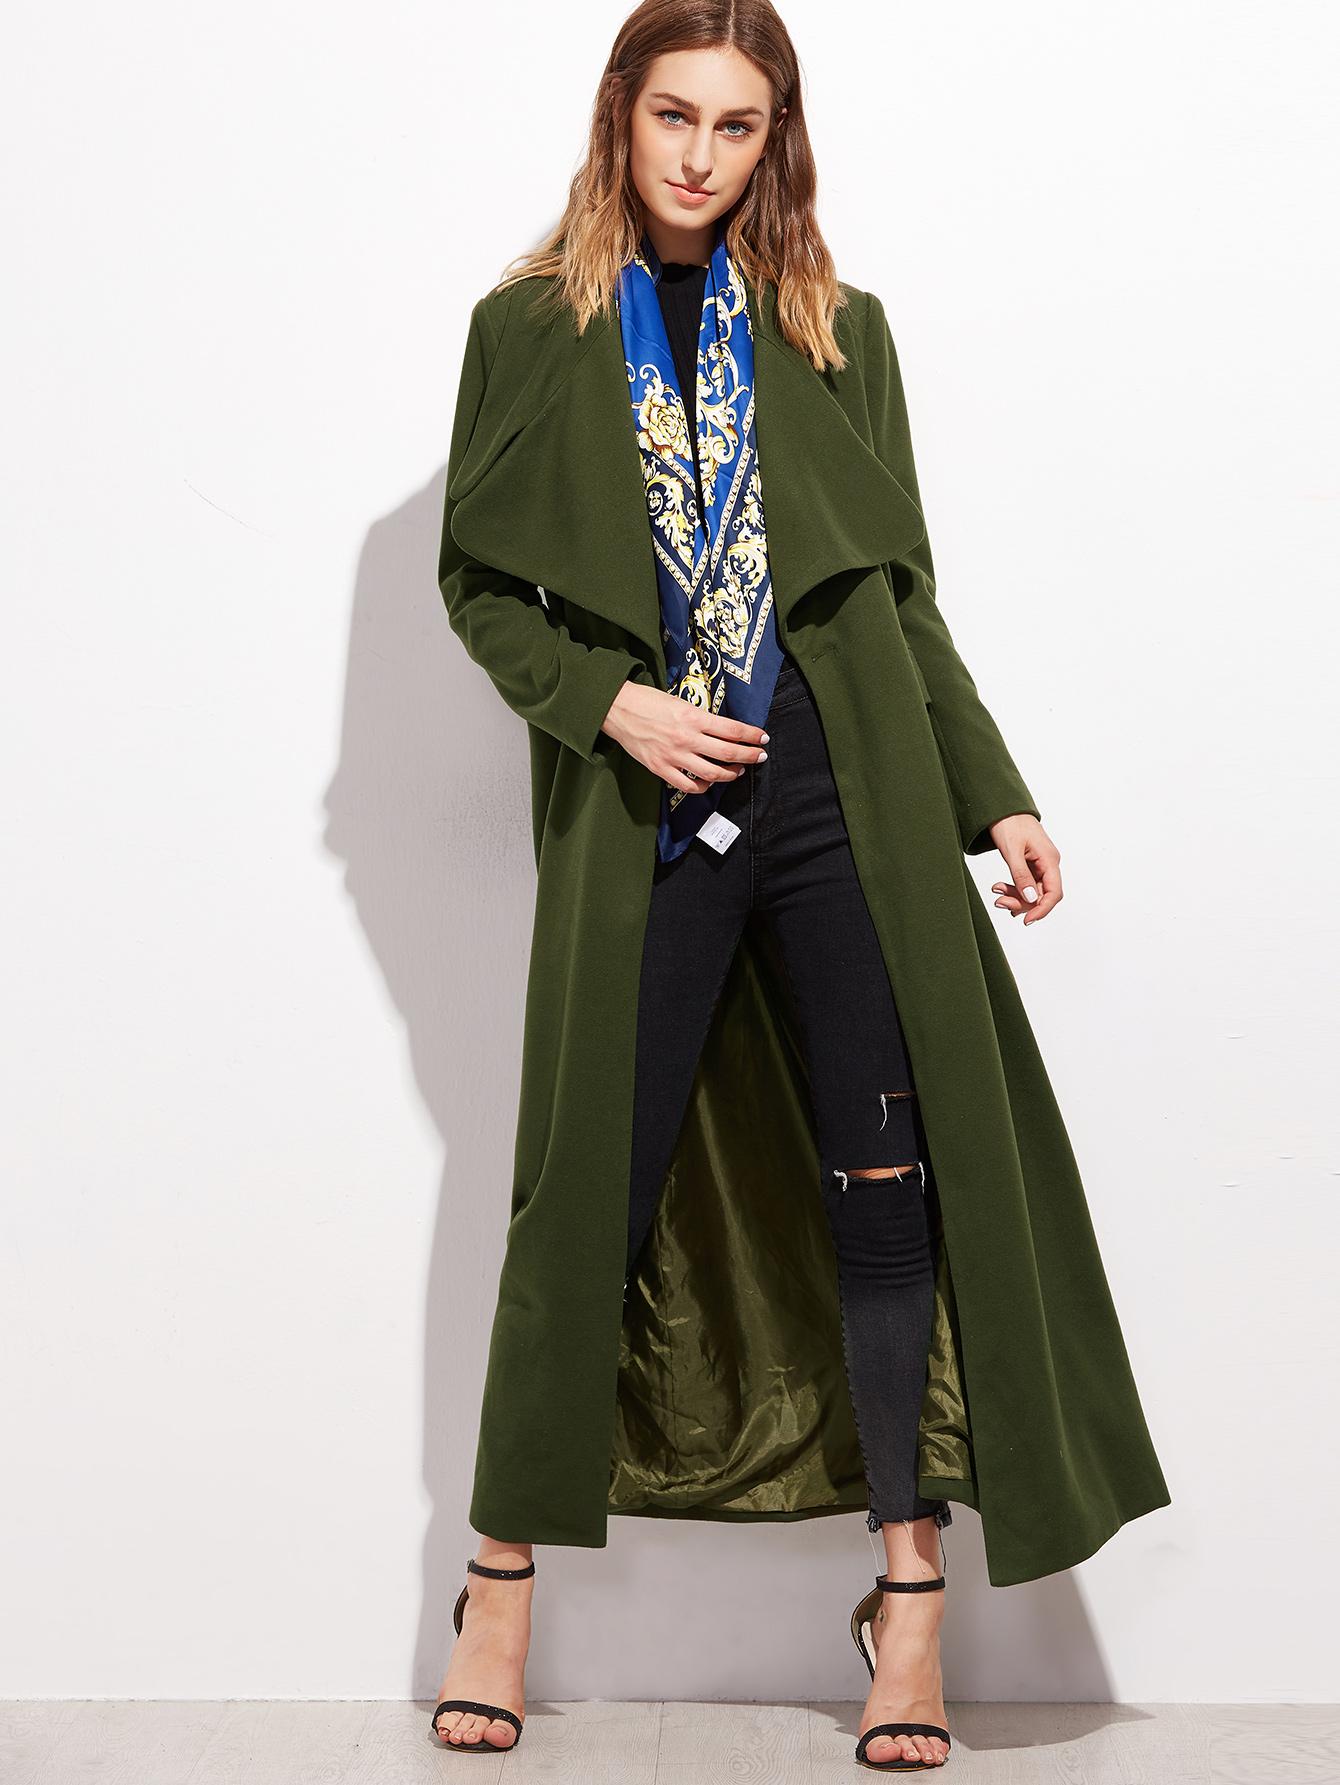 Olive Green Oversized Coat